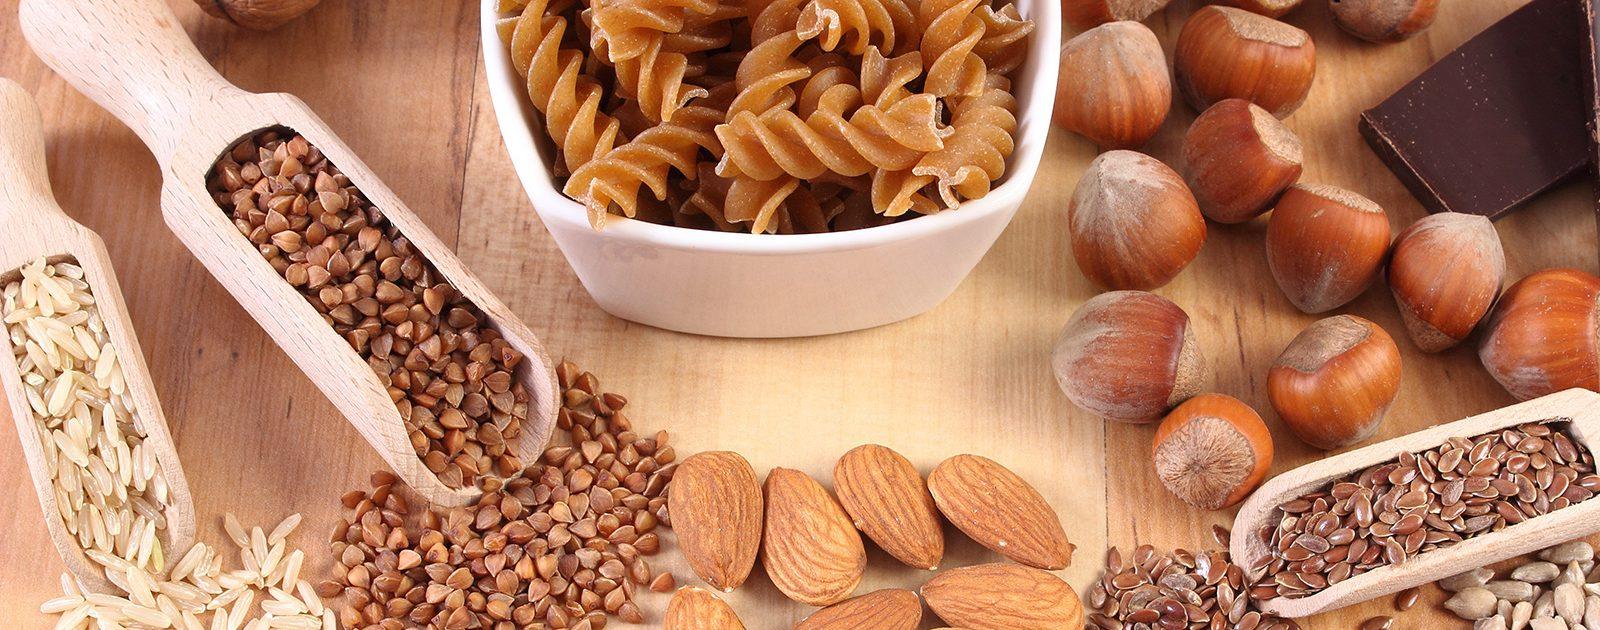 Nüsse: wichtiger Lieferant von Magnesium während der Schwangerschaft